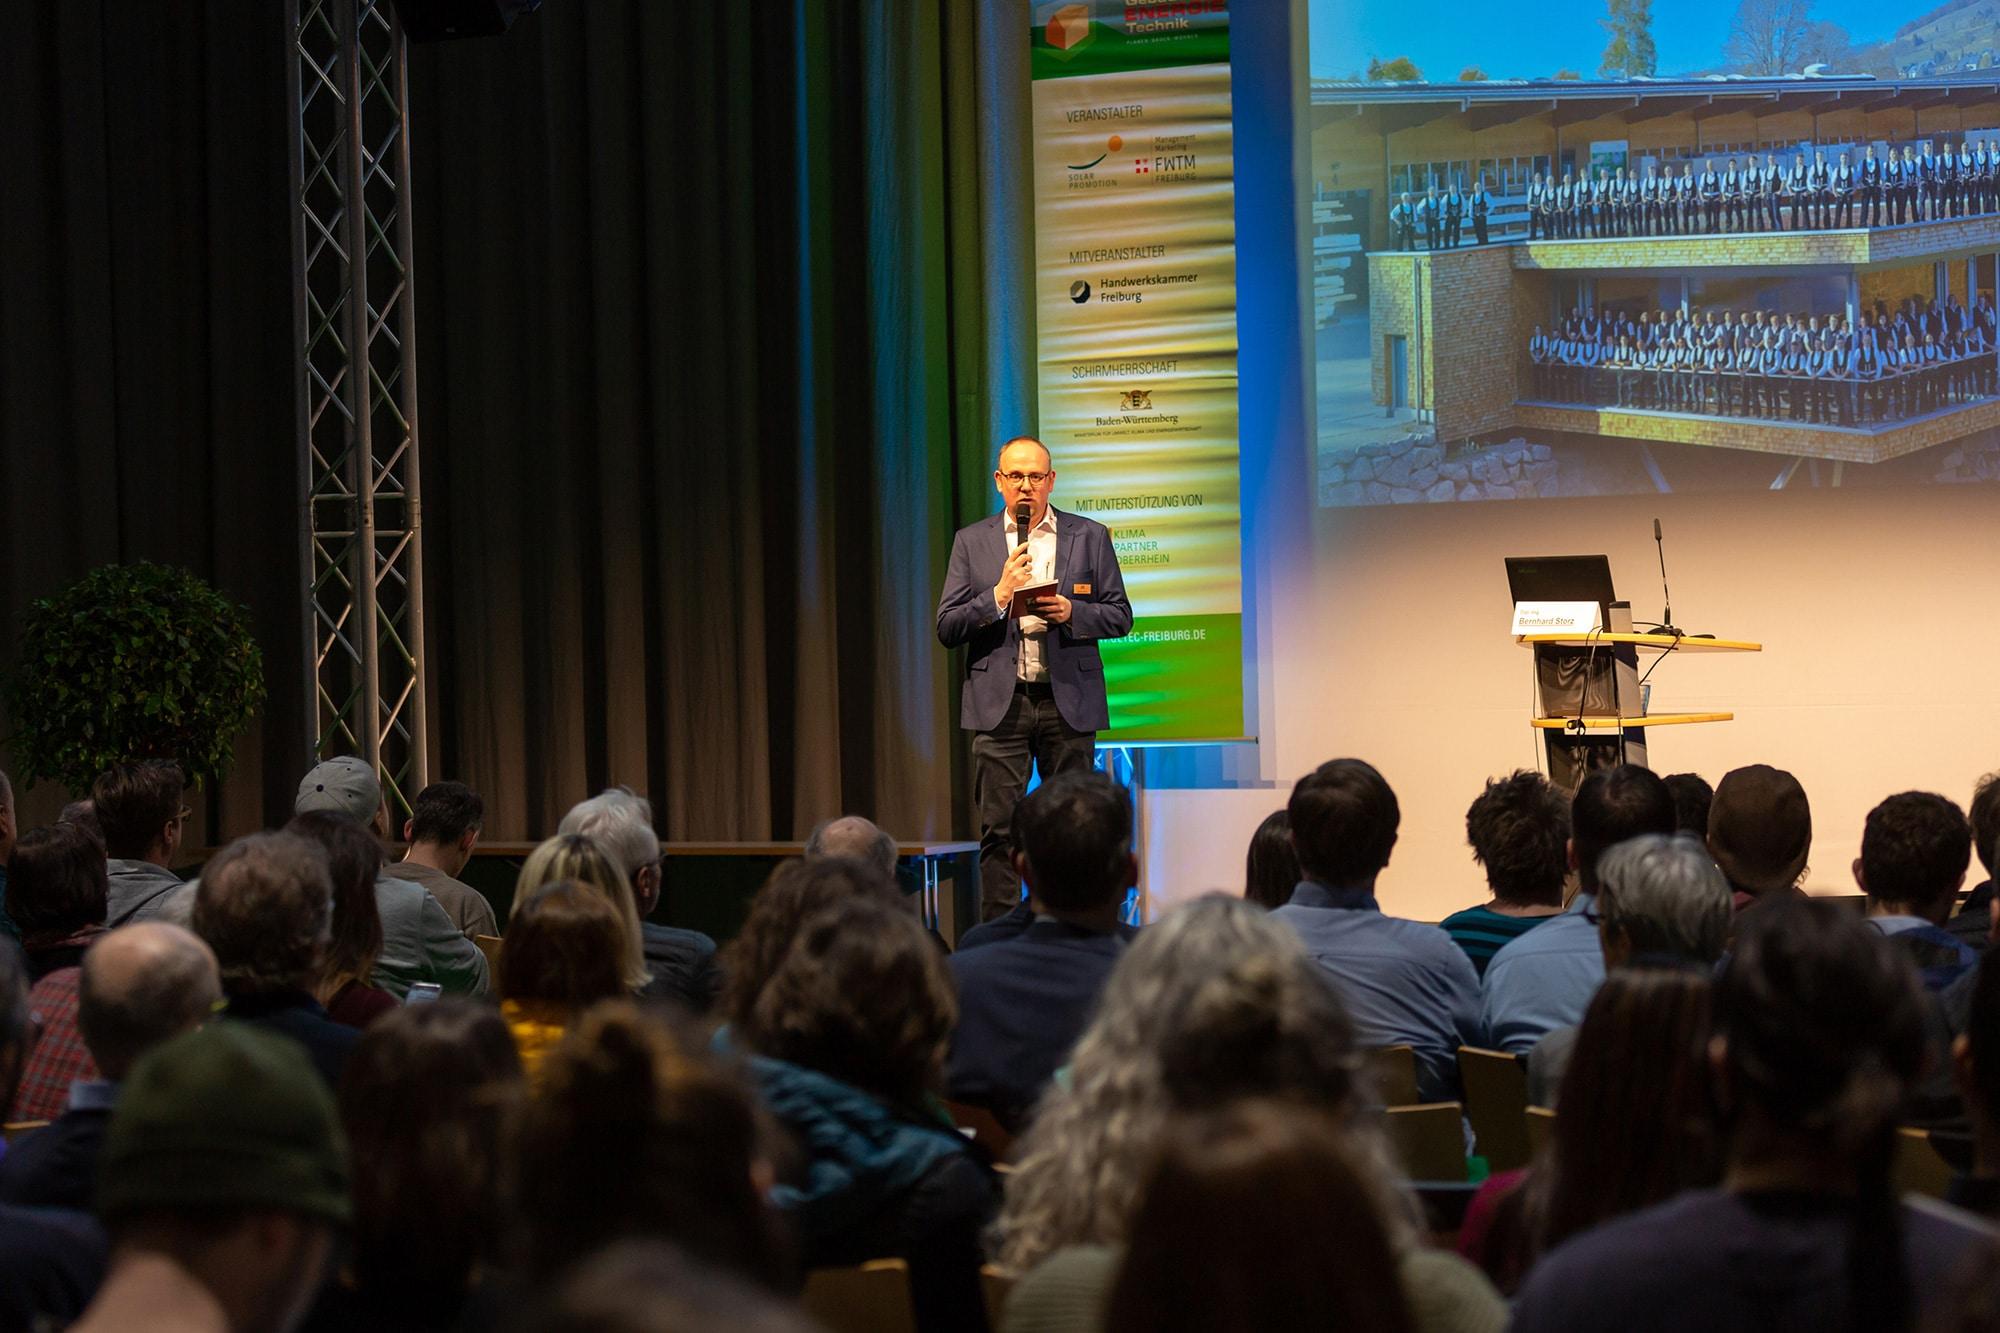 Holzbau Bruno Kaiser - Messe & Events